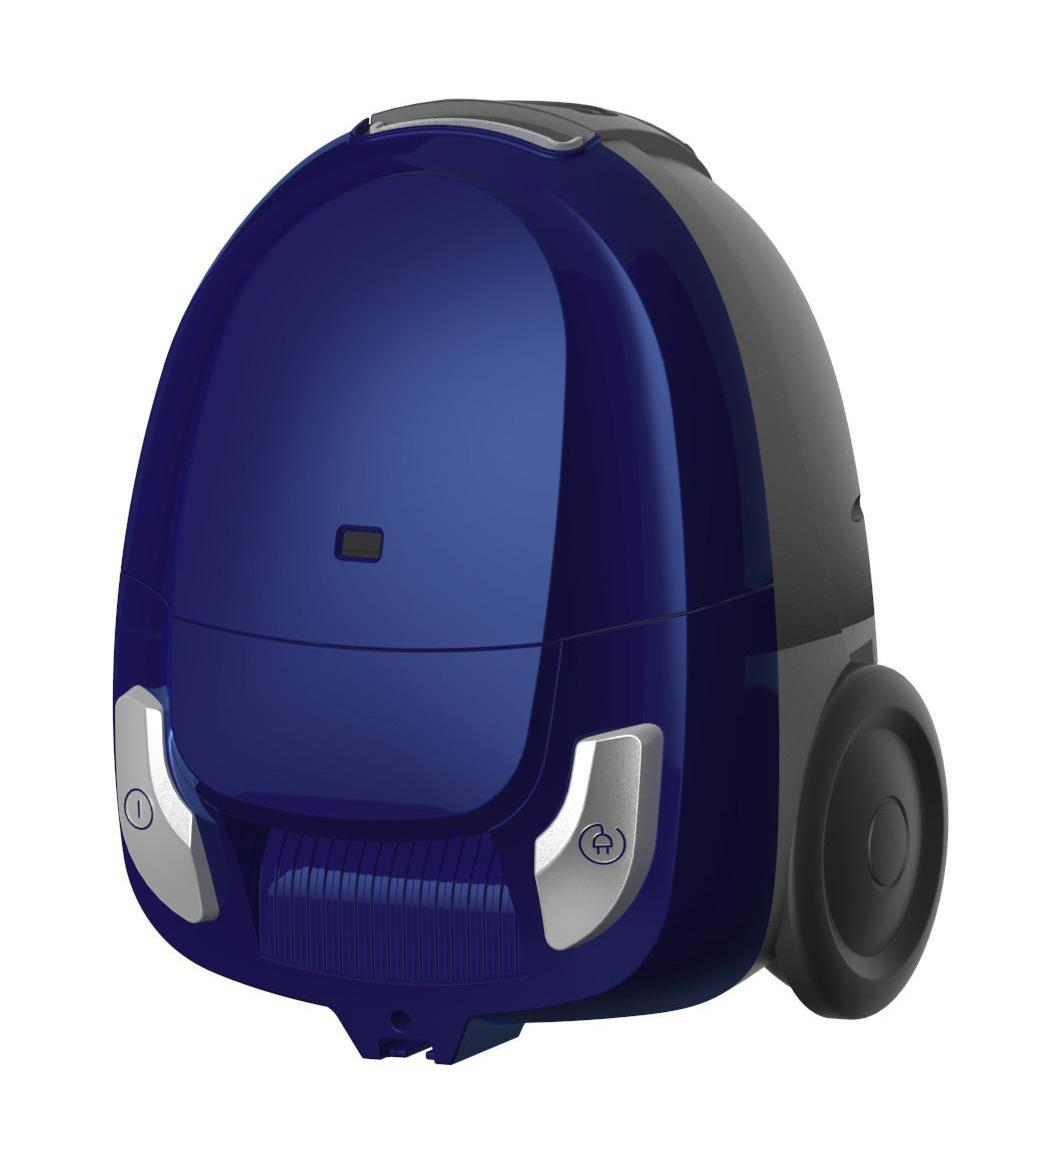 Midea VCB33A2 пылесос1.195-210.0Midea VCB33A2 - мощный пылесос с мешком для сбора пыли, который отлично справится с сухой уборкой в доме. Данная модель имеет возможность ножного переключения на корпусе, функцию автосматывания сетевого шнура. Устройство оснащено комбинированной трубой всасывания. Midea VCB33A2 обладает стильным дизайном и поразительной маневренностью, что делает его прекрасным помощником в домашних хлопотах.